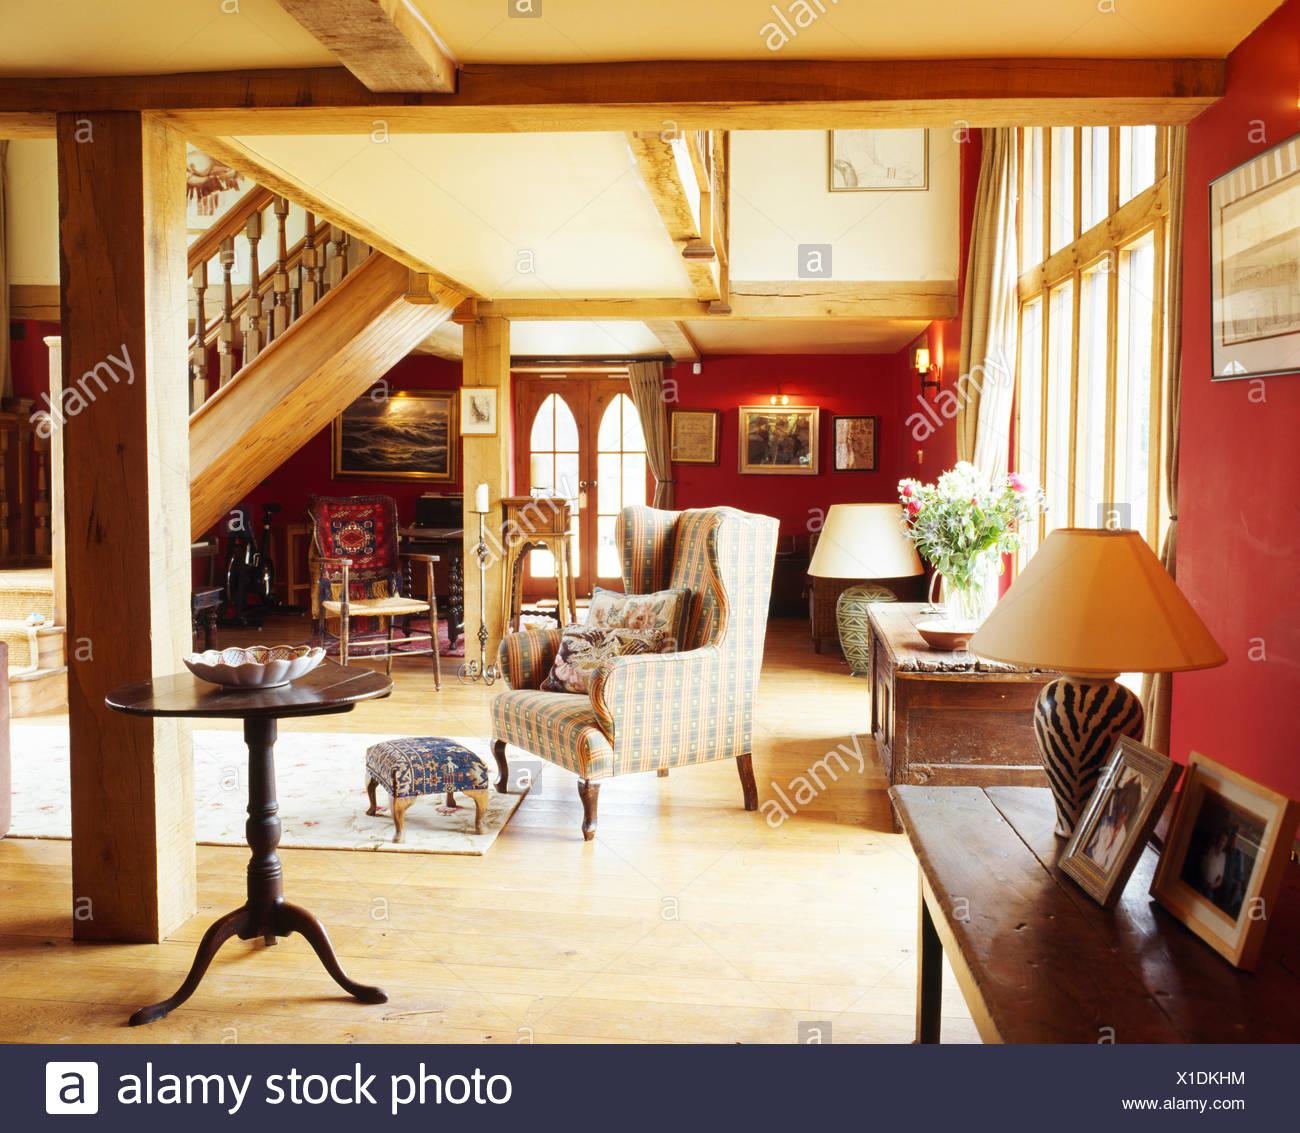 Antiker Beistelltisch Anzeige bequemen Sessel in rot und Creme Hall ...